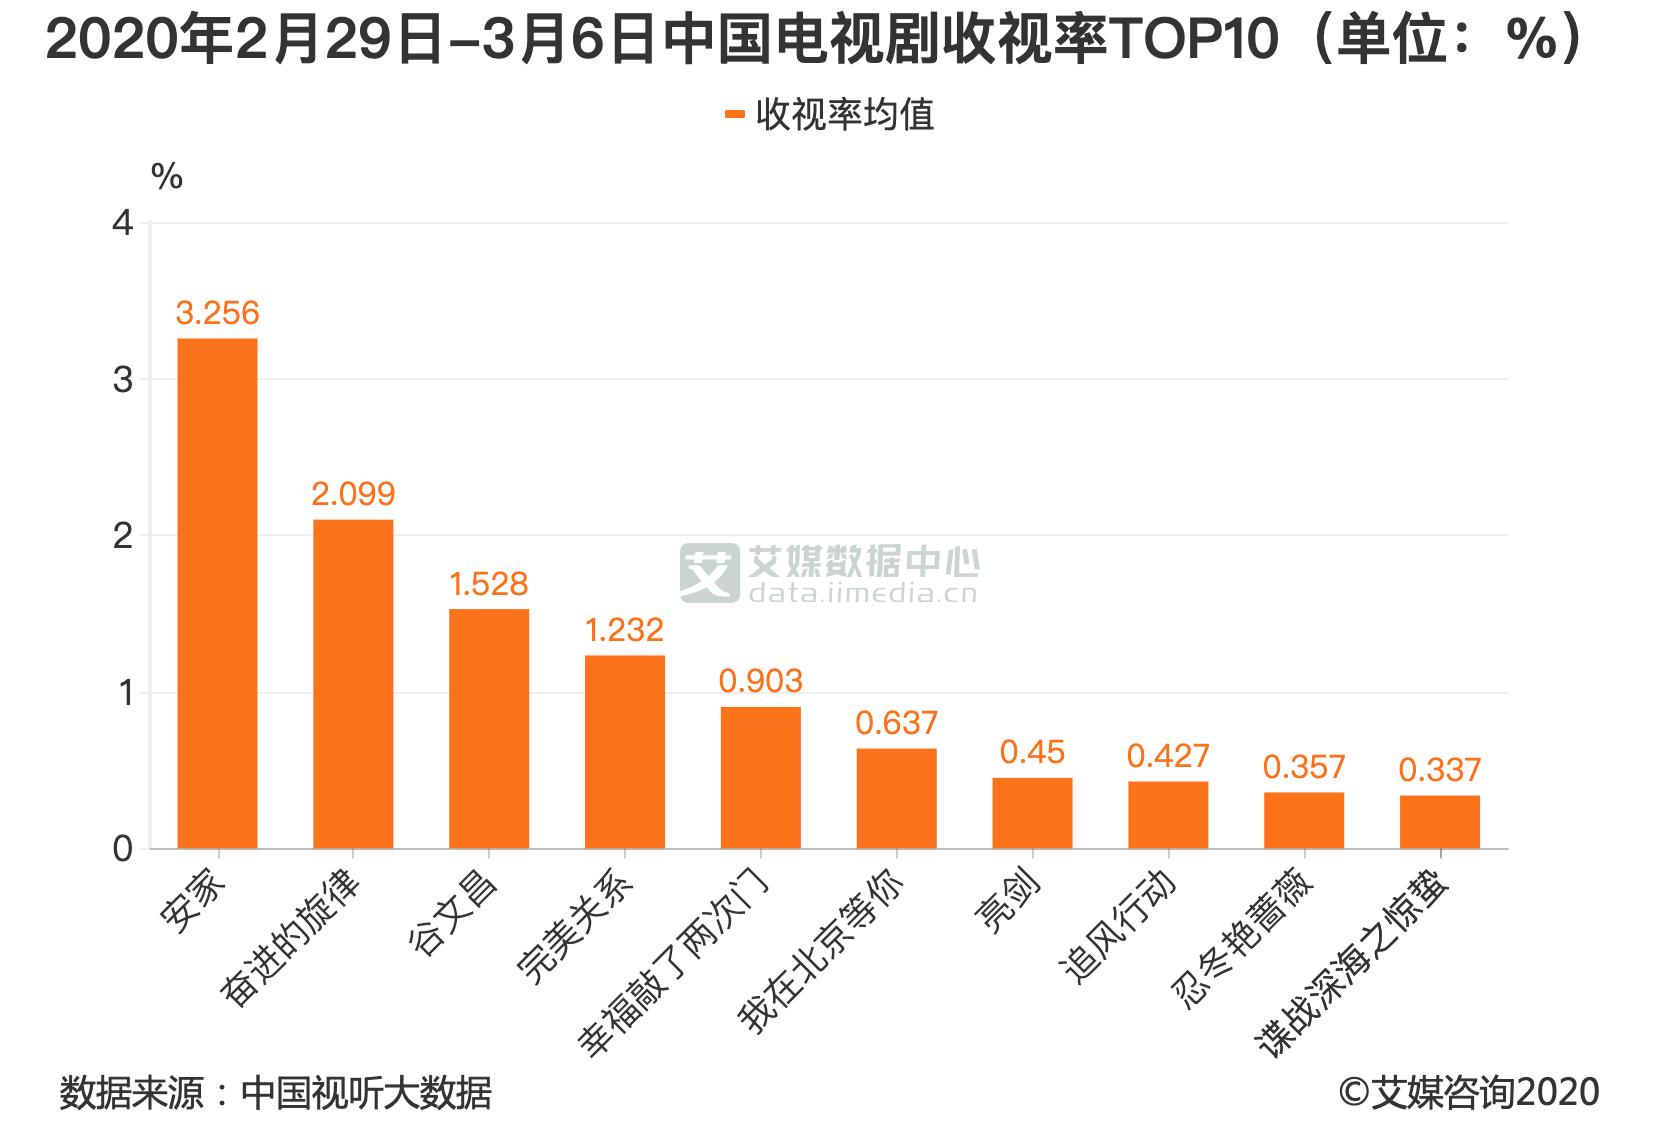 2020年2月29日-3月6日中国电视剧收视率TOP10(单位:%)